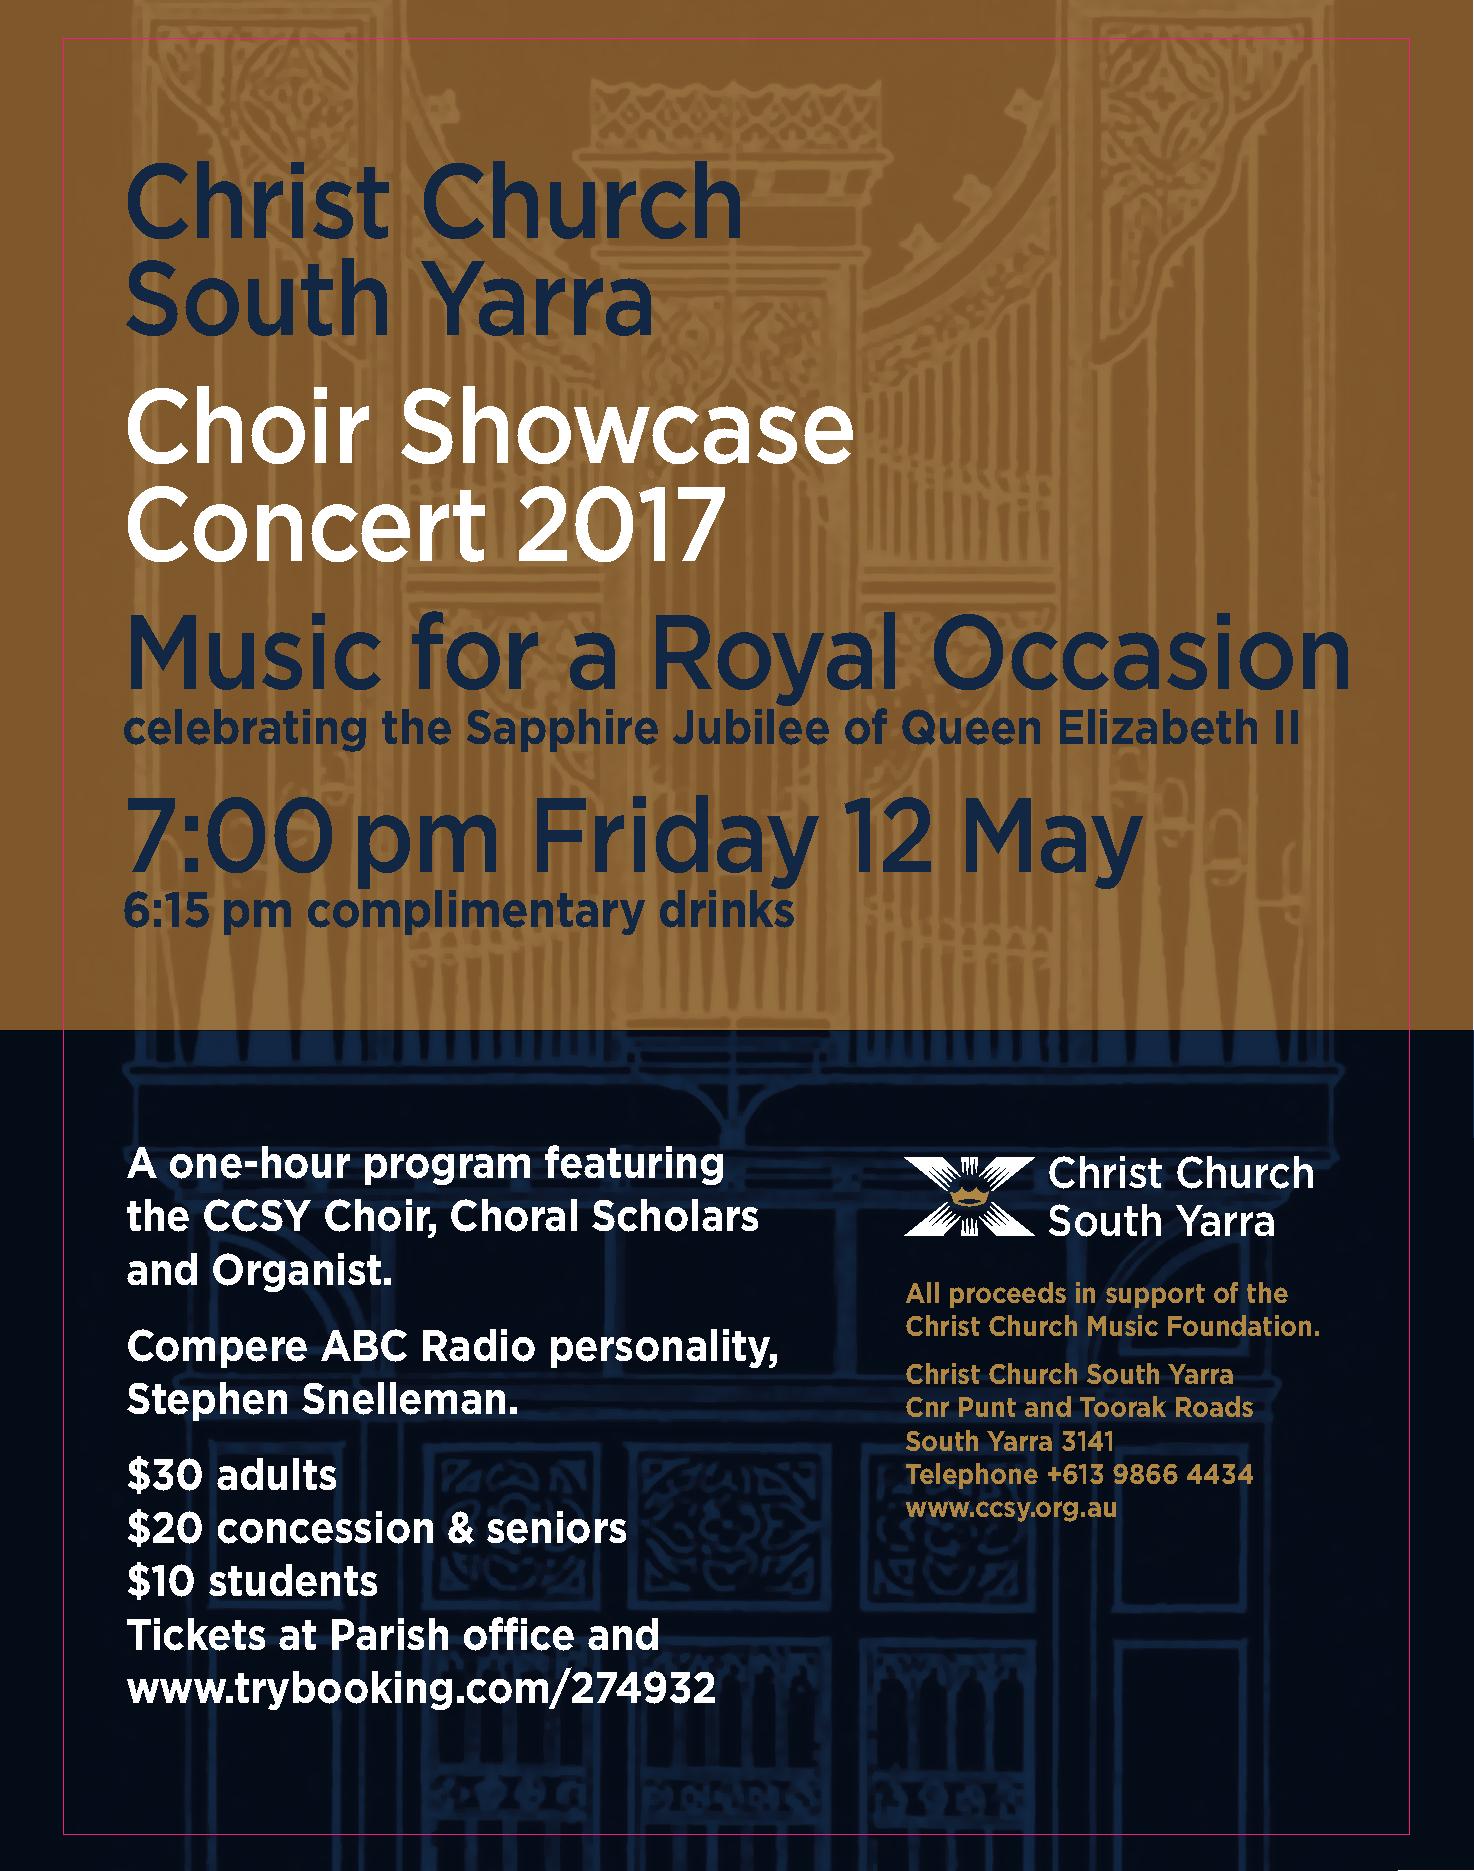 CCSY Choir Showcase Concert 2017